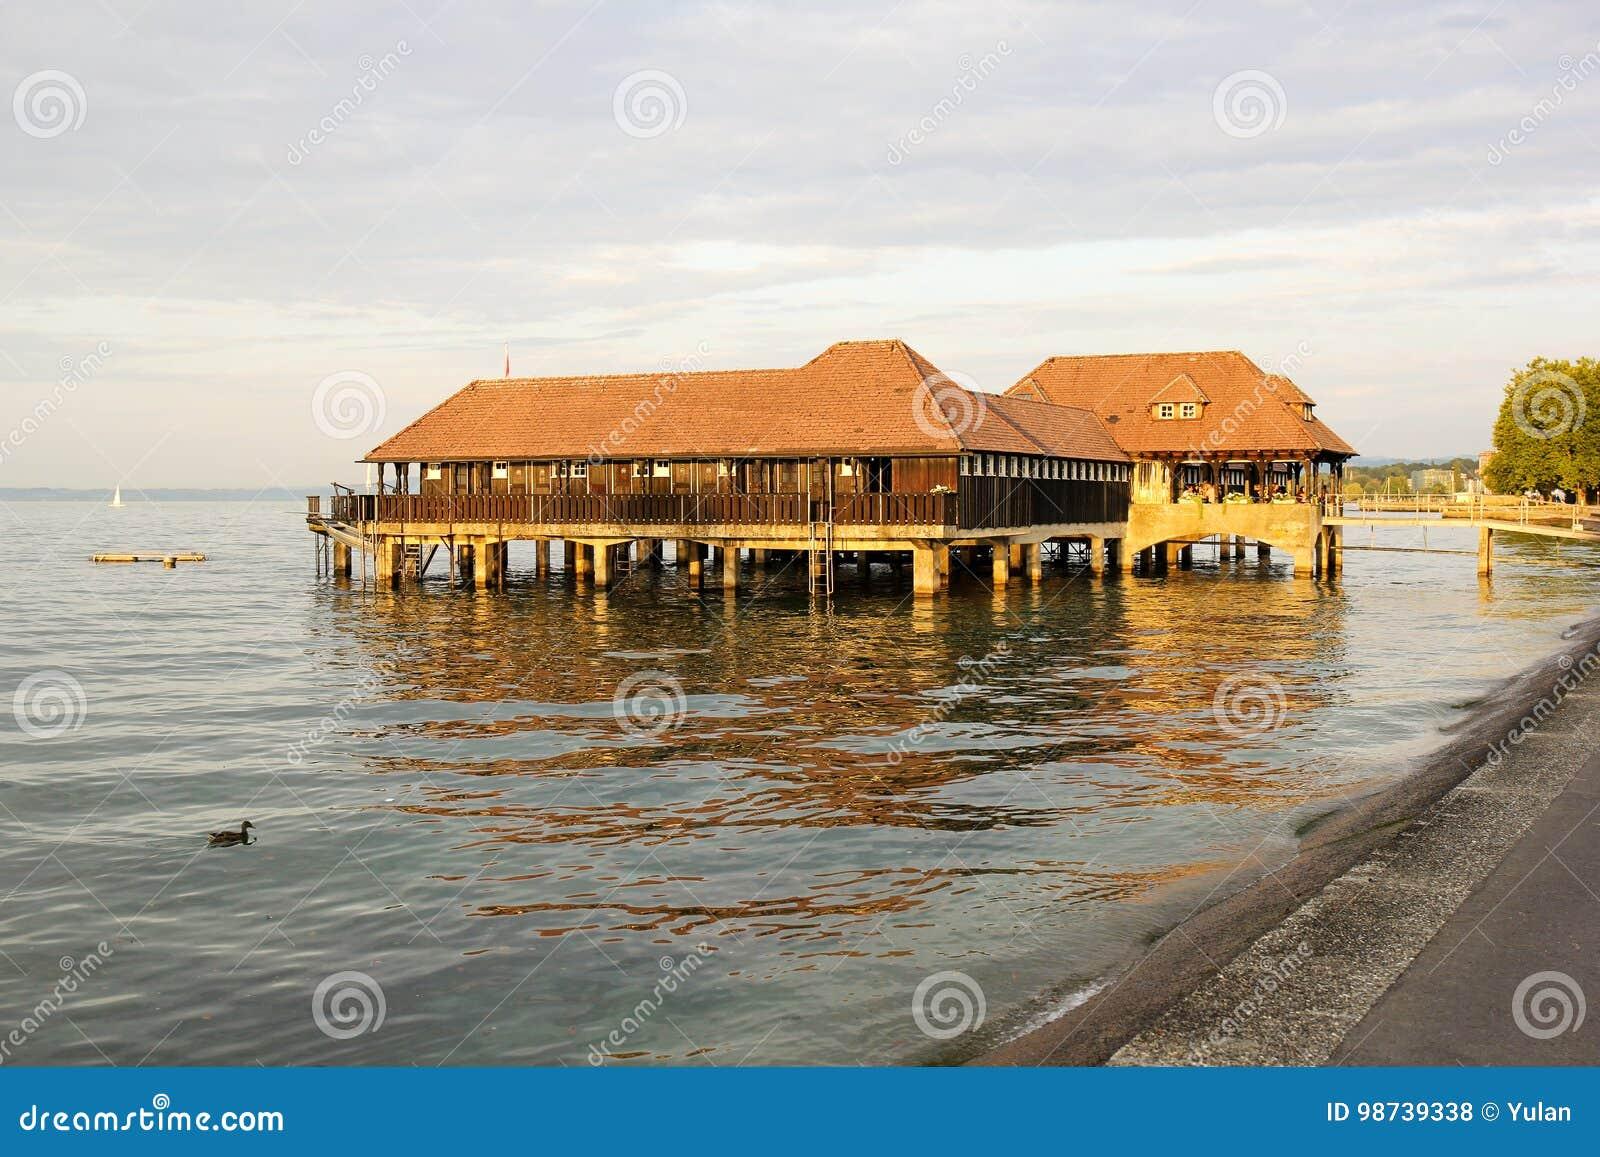 Публика купая деревянную хату, Rorschach, Швейцарию